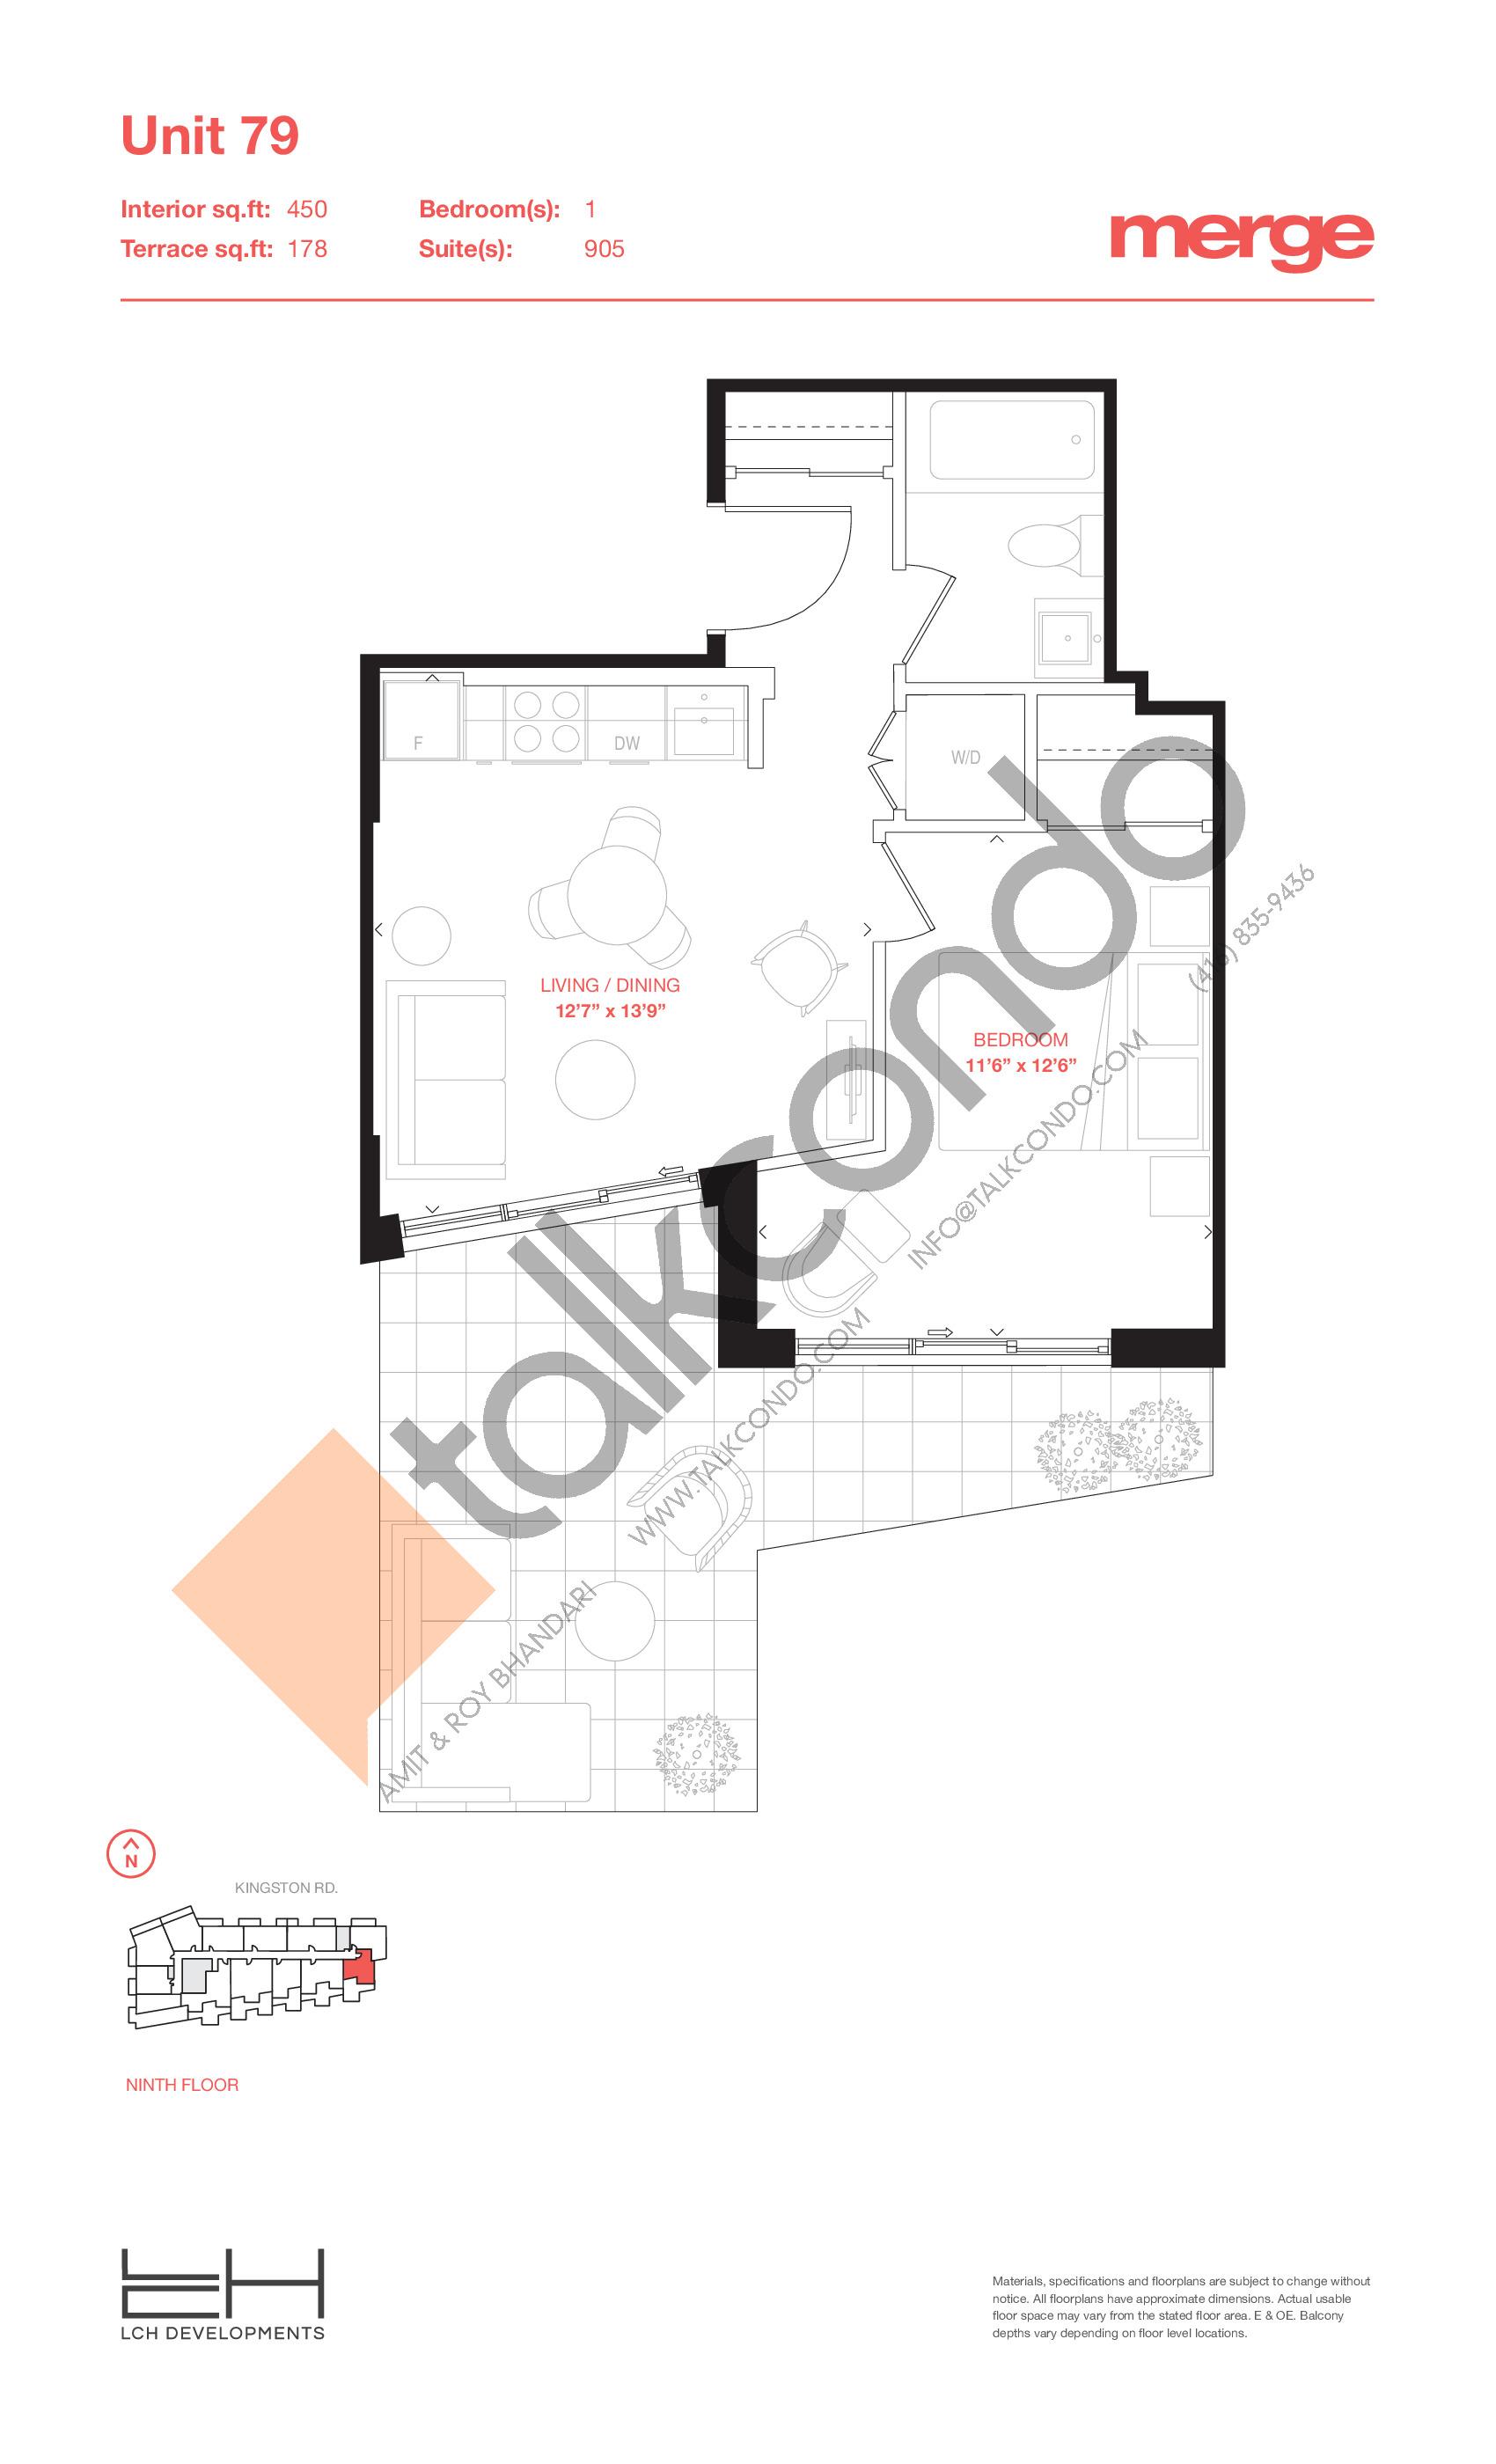 Unit 79 - Terraces Floor Plan at Merge Condos - 450 sq.ft